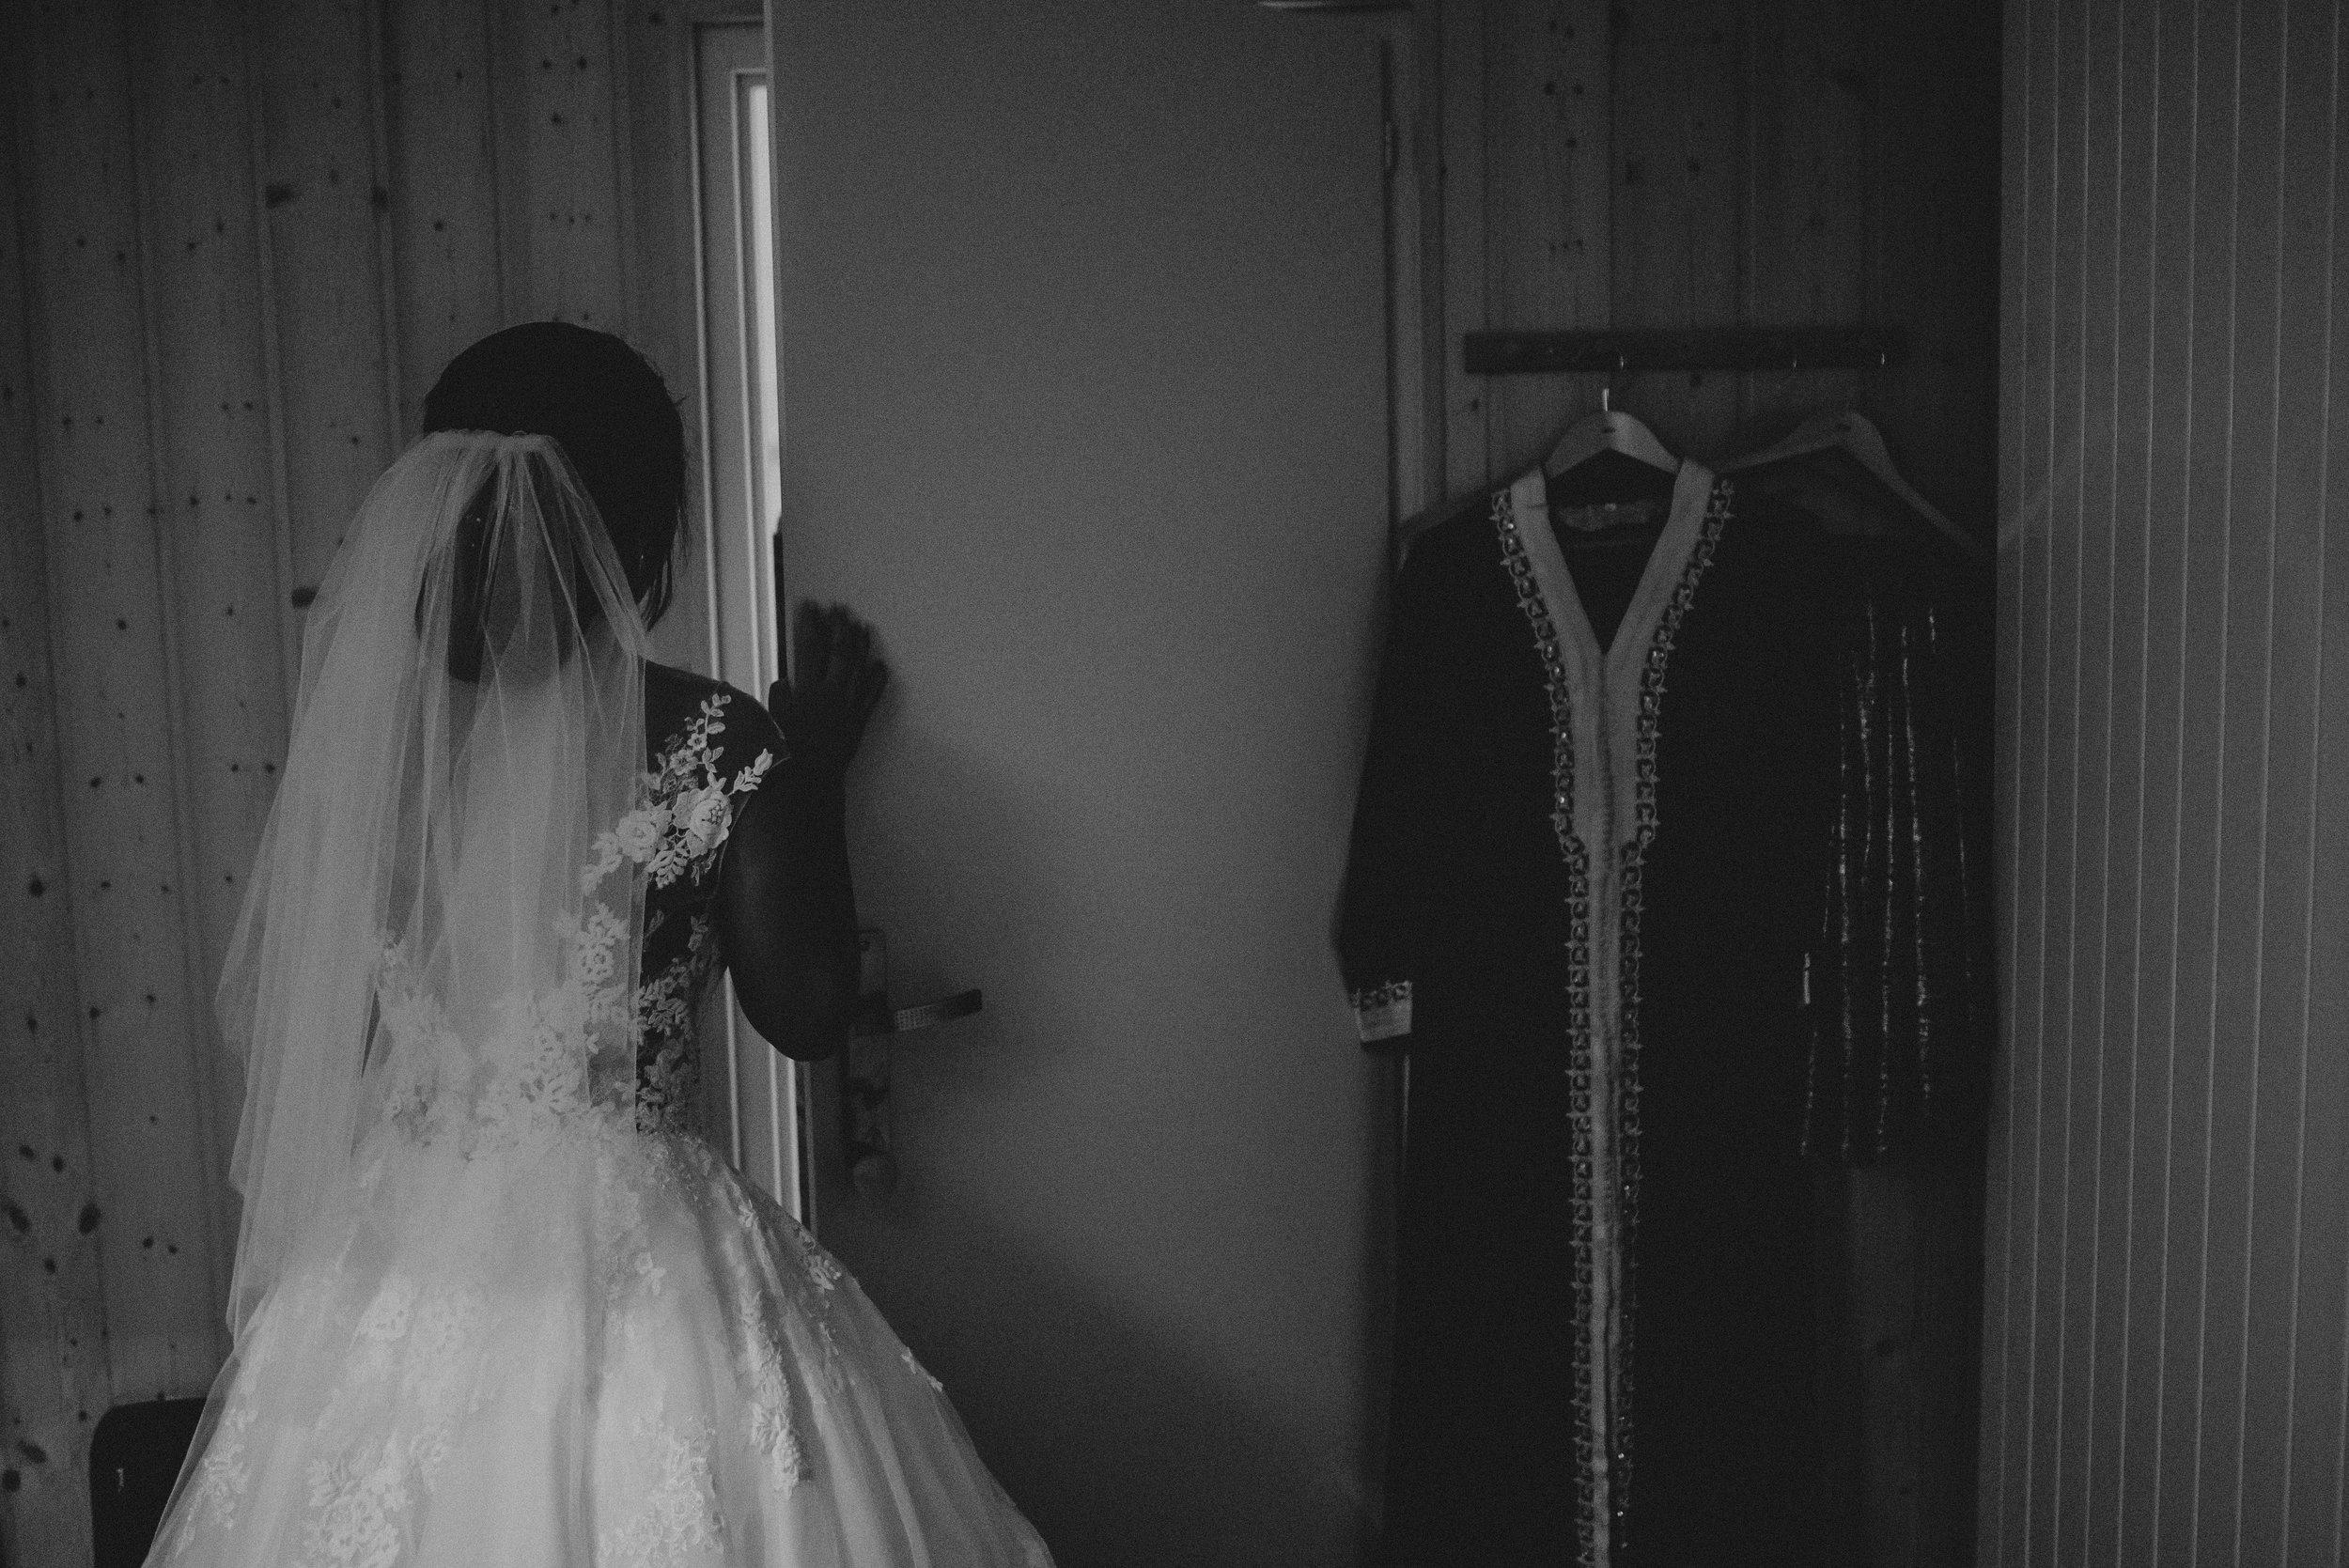 Léa-Fery-photographe-professionnel-lyon-rhone-alpes-portrait-creation-mariage-evenement-evenementiel-famille-2-43.jpg